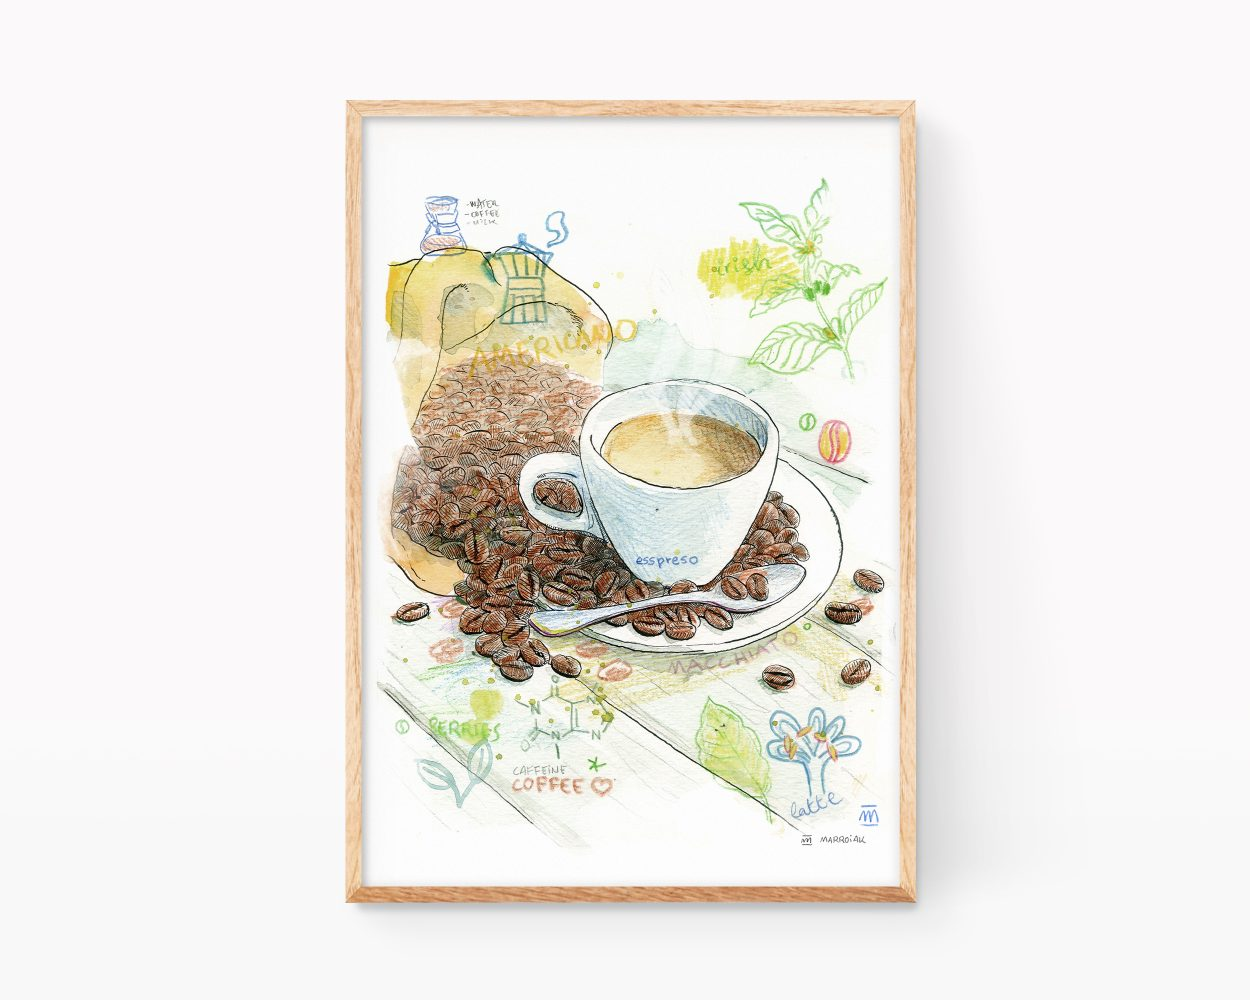 Lámina decorativa para cocinas con un dibujo en acuarela de una taza de café y granos. Cuadros con ilustraciones para enmarcar